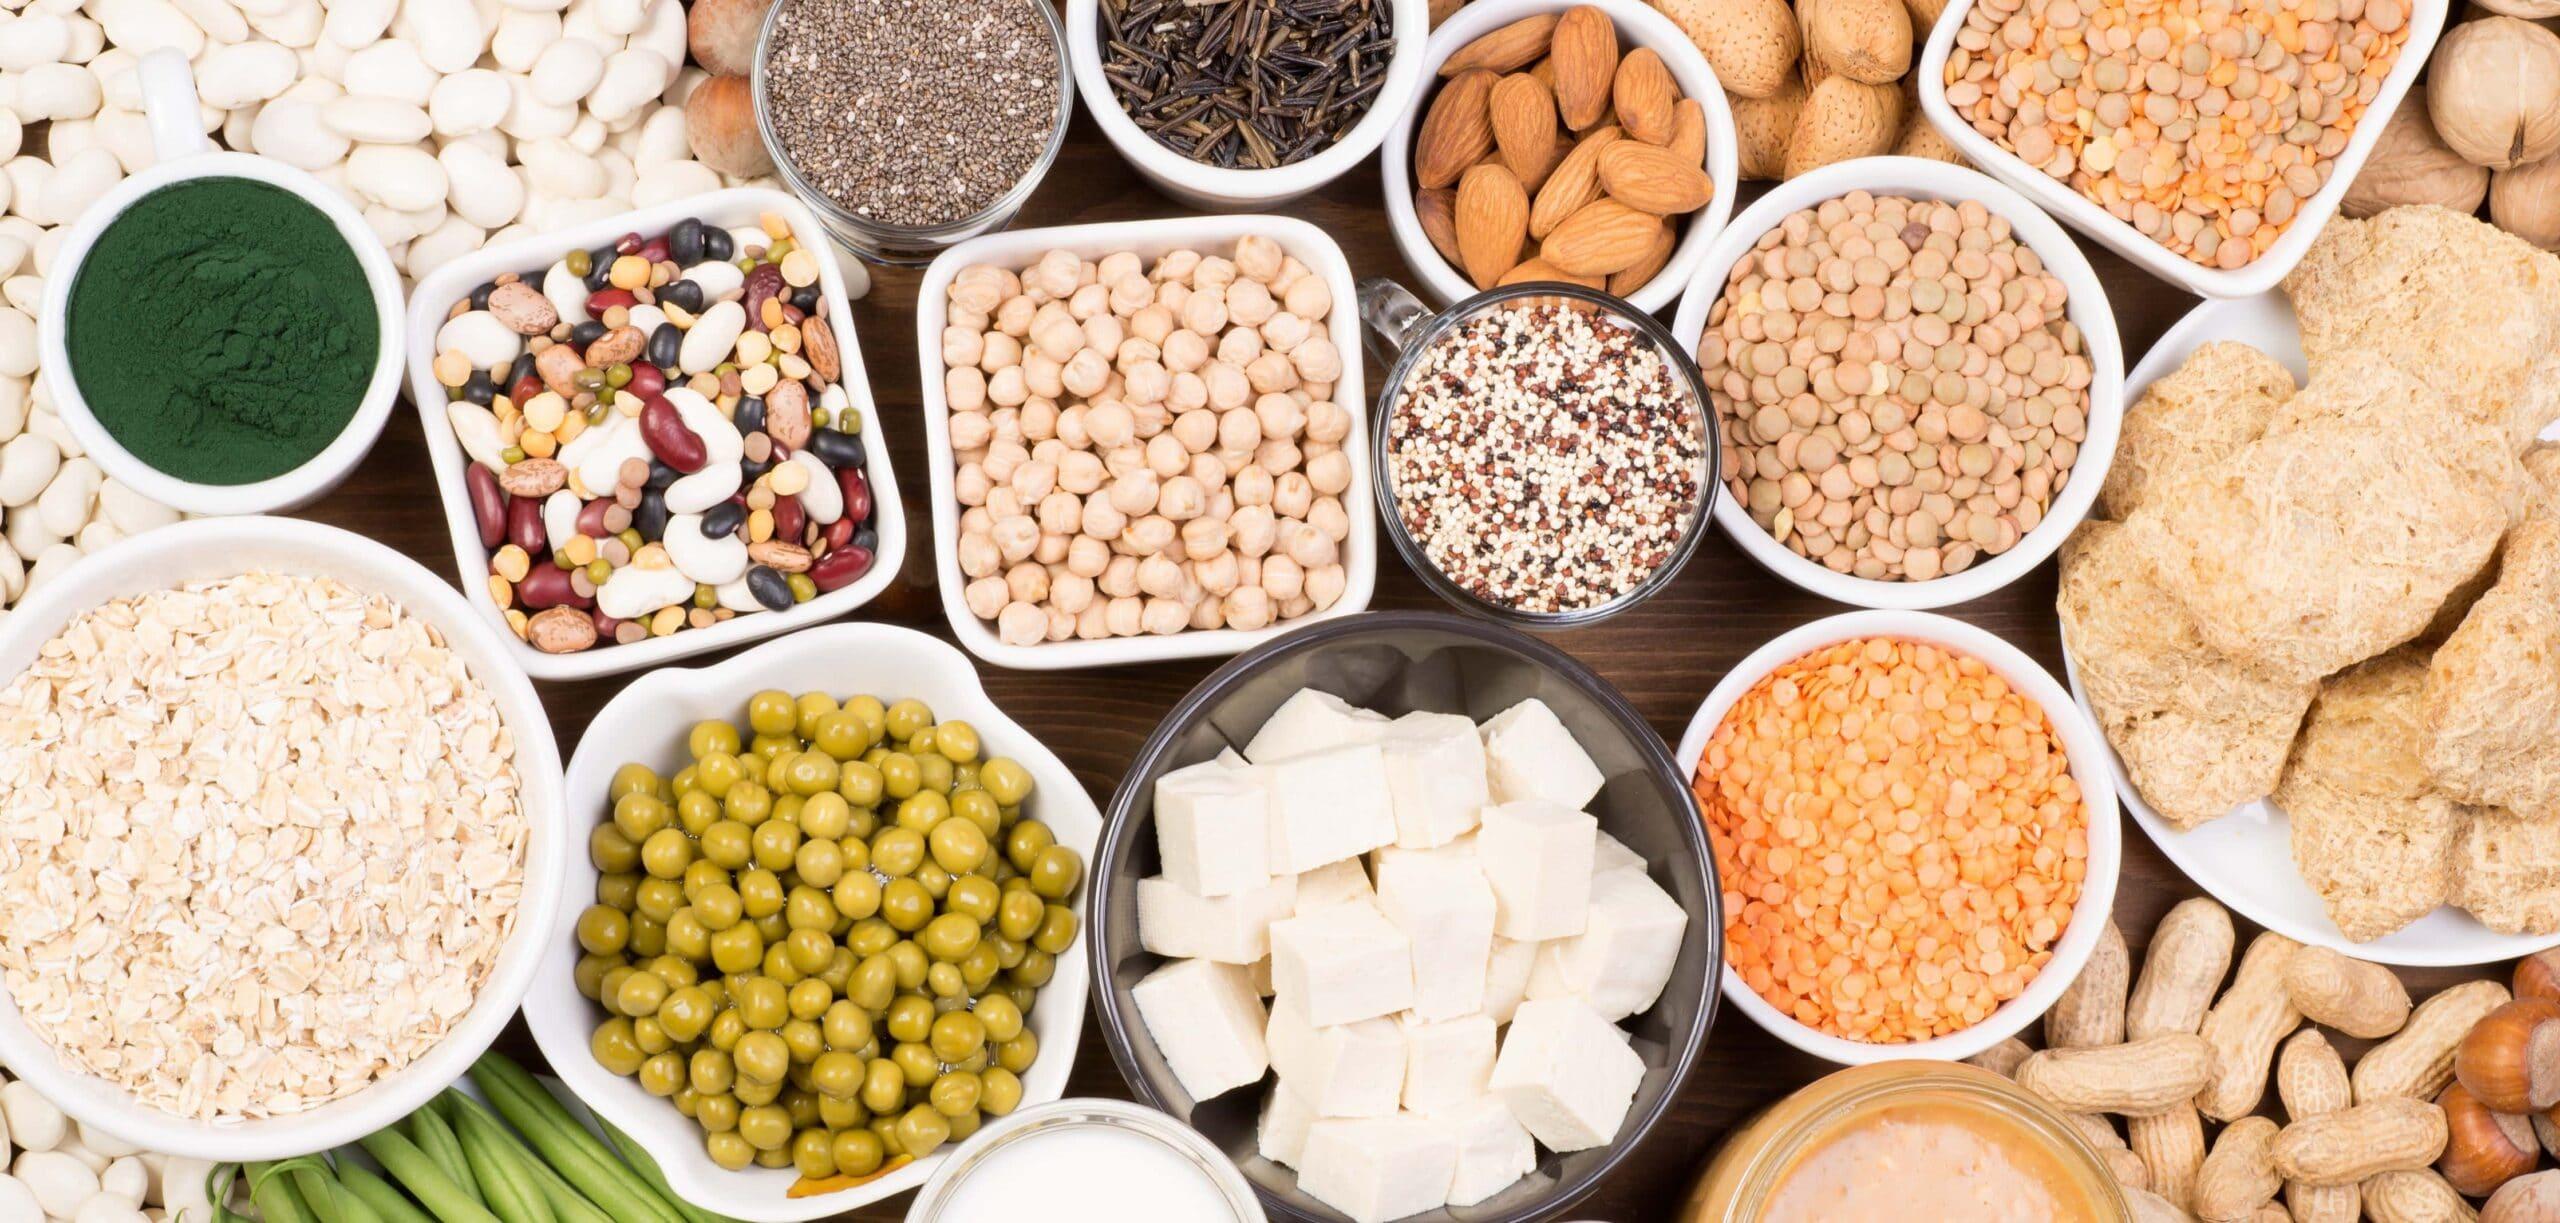 proteine vegetali a dieta e per il dimagrimento